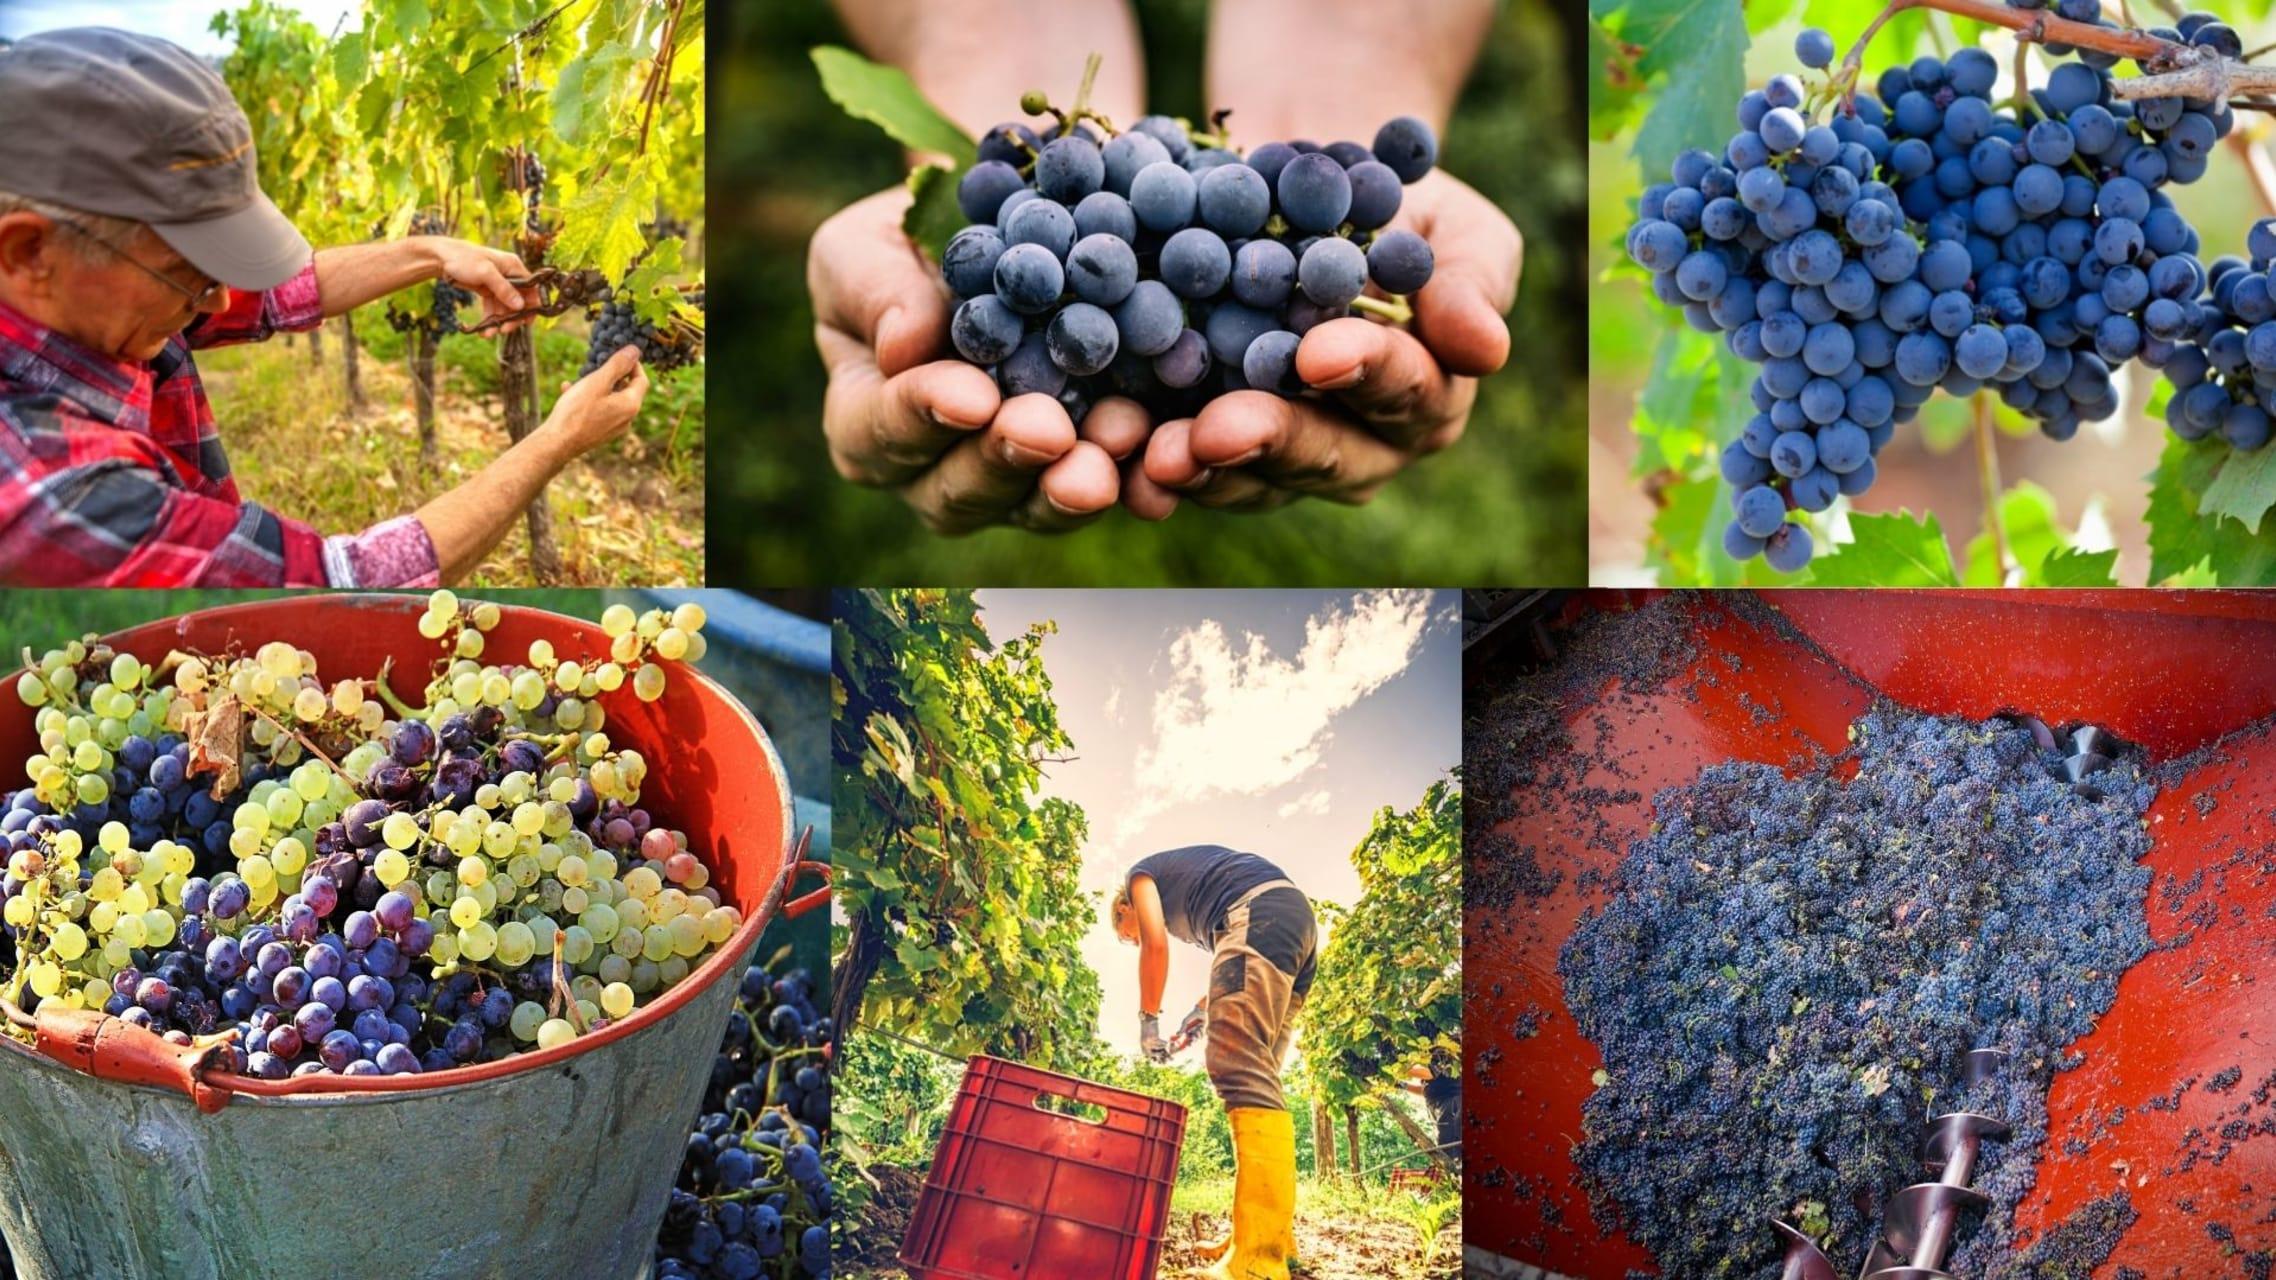 Puglia - The Grape Harvest in Puglia